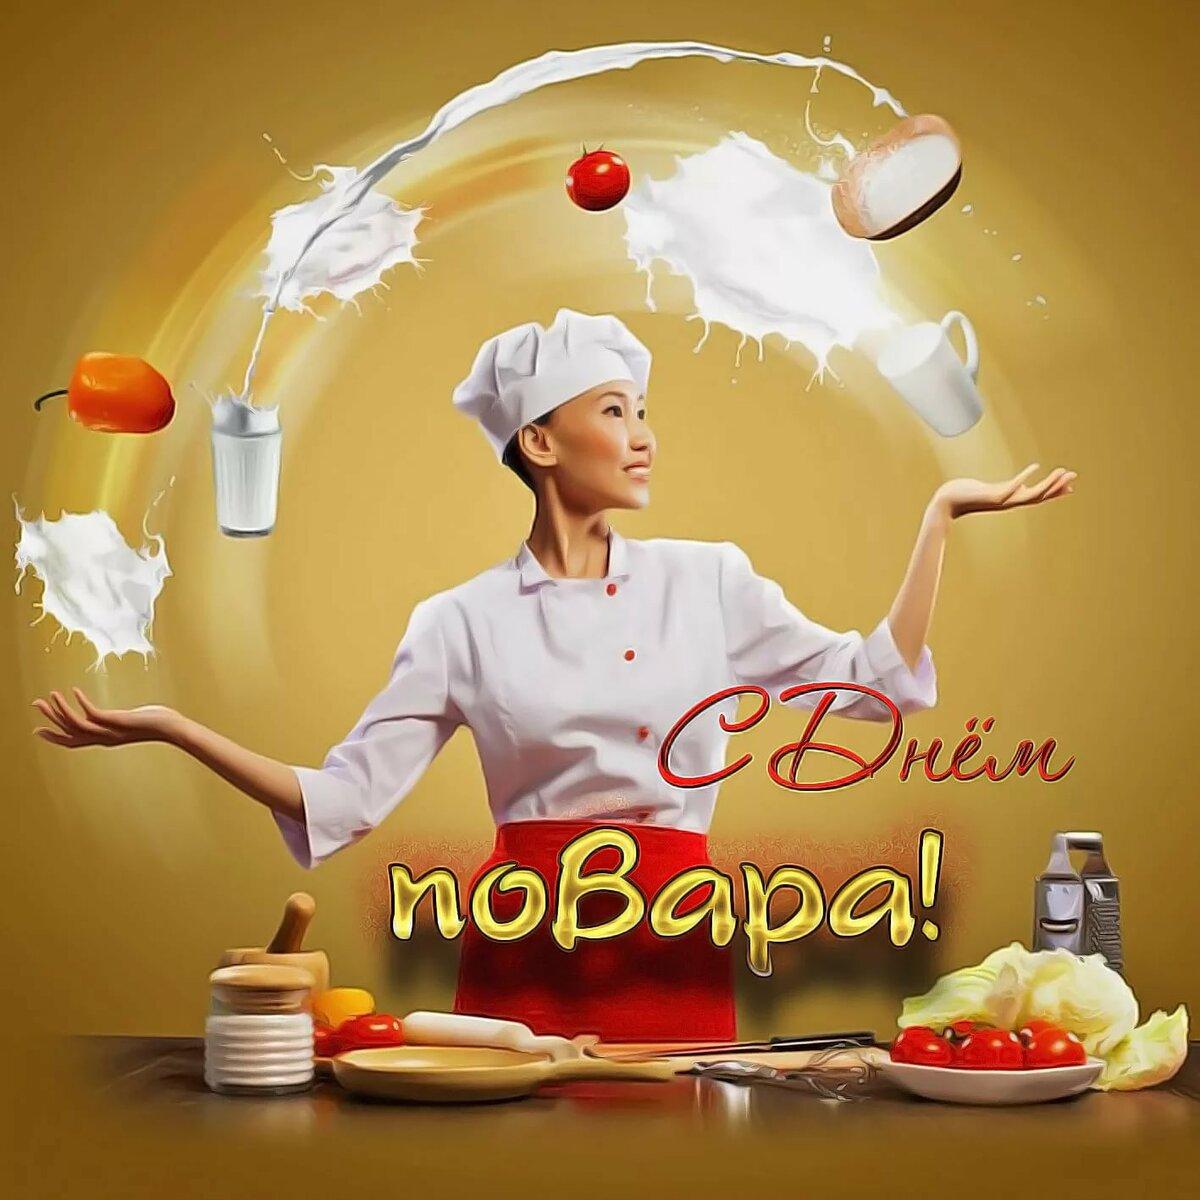 открытка международный день повара ламбрекены, невесомая